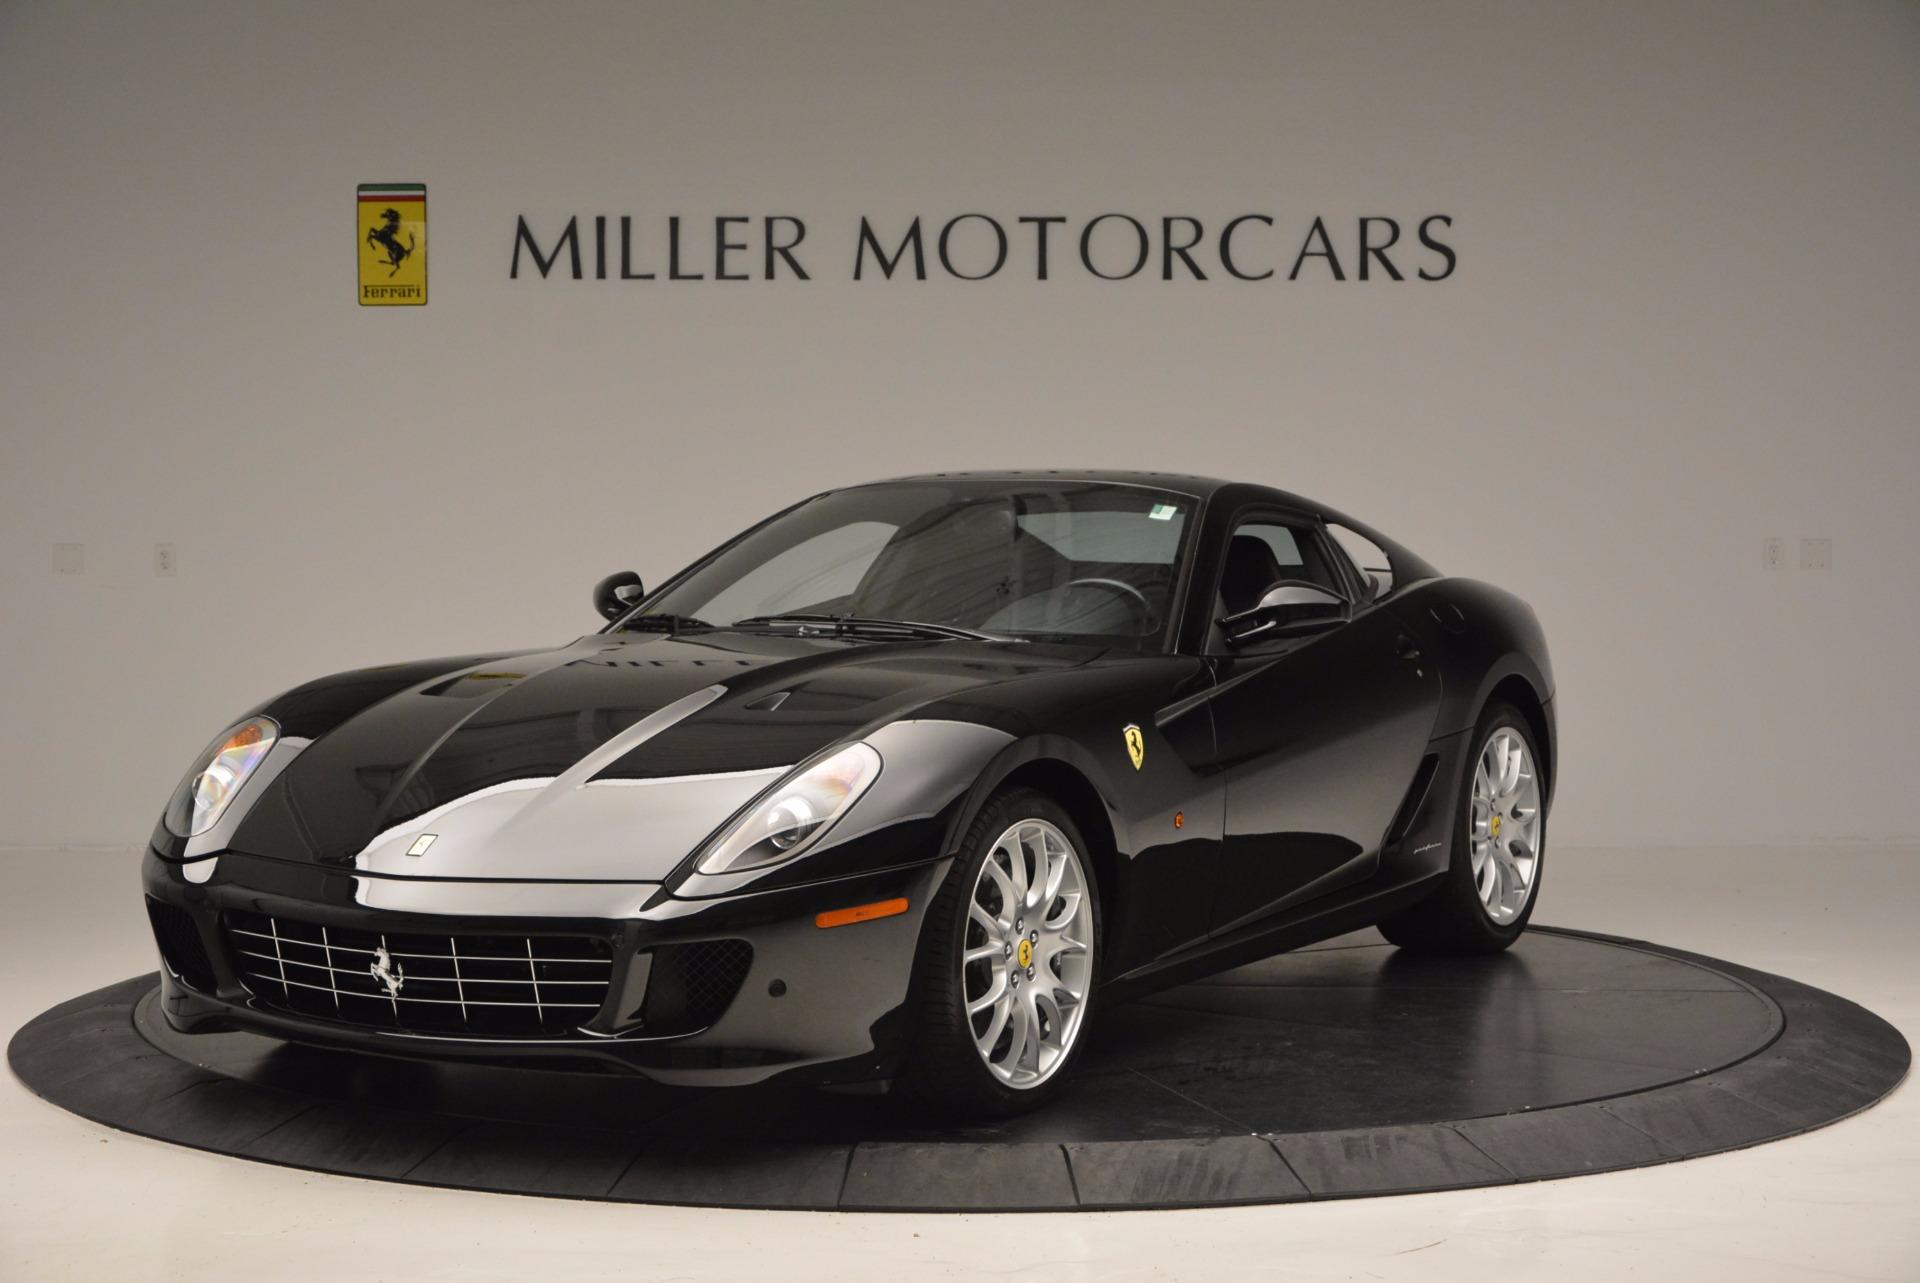 Used 2008 Ferrari 599 GTB Fiorano for sale Sold at Maserati of Greenwich in Greenwich CT 06830 1